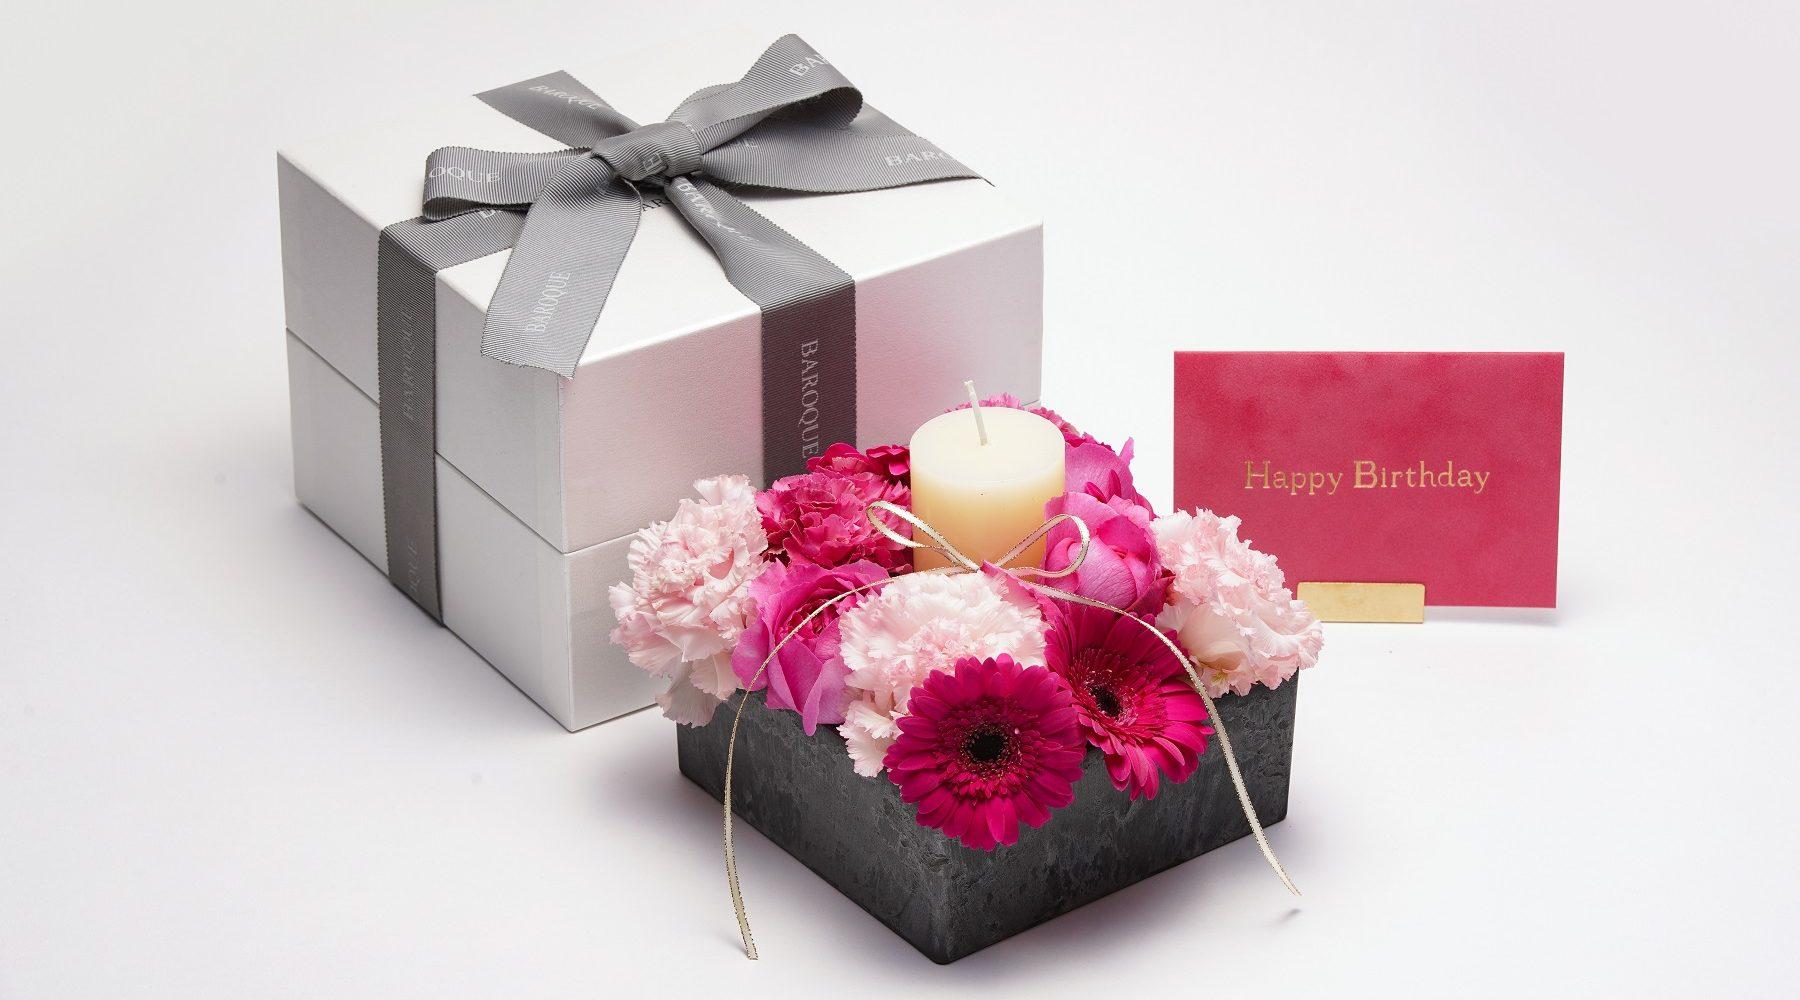 高級感のある誕生日プレゼント 福岡市中央区けやき通り花屋BAROQUEバロック